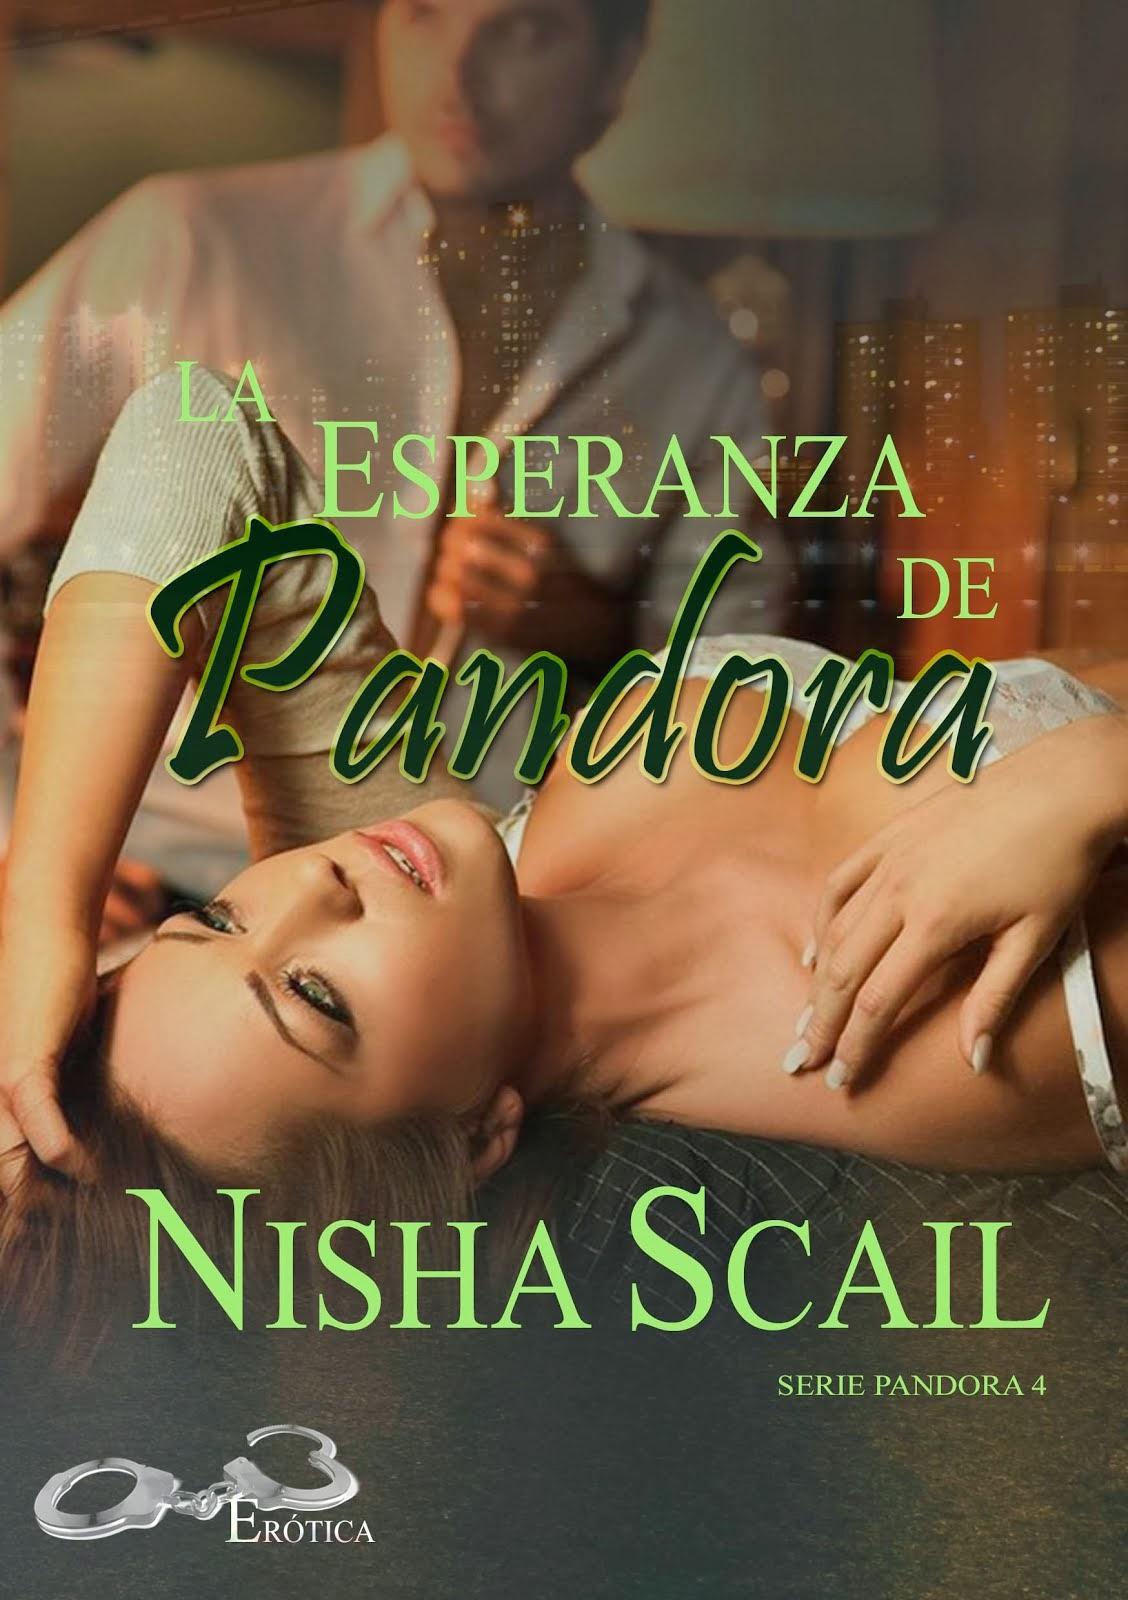 Serie Pandora 4